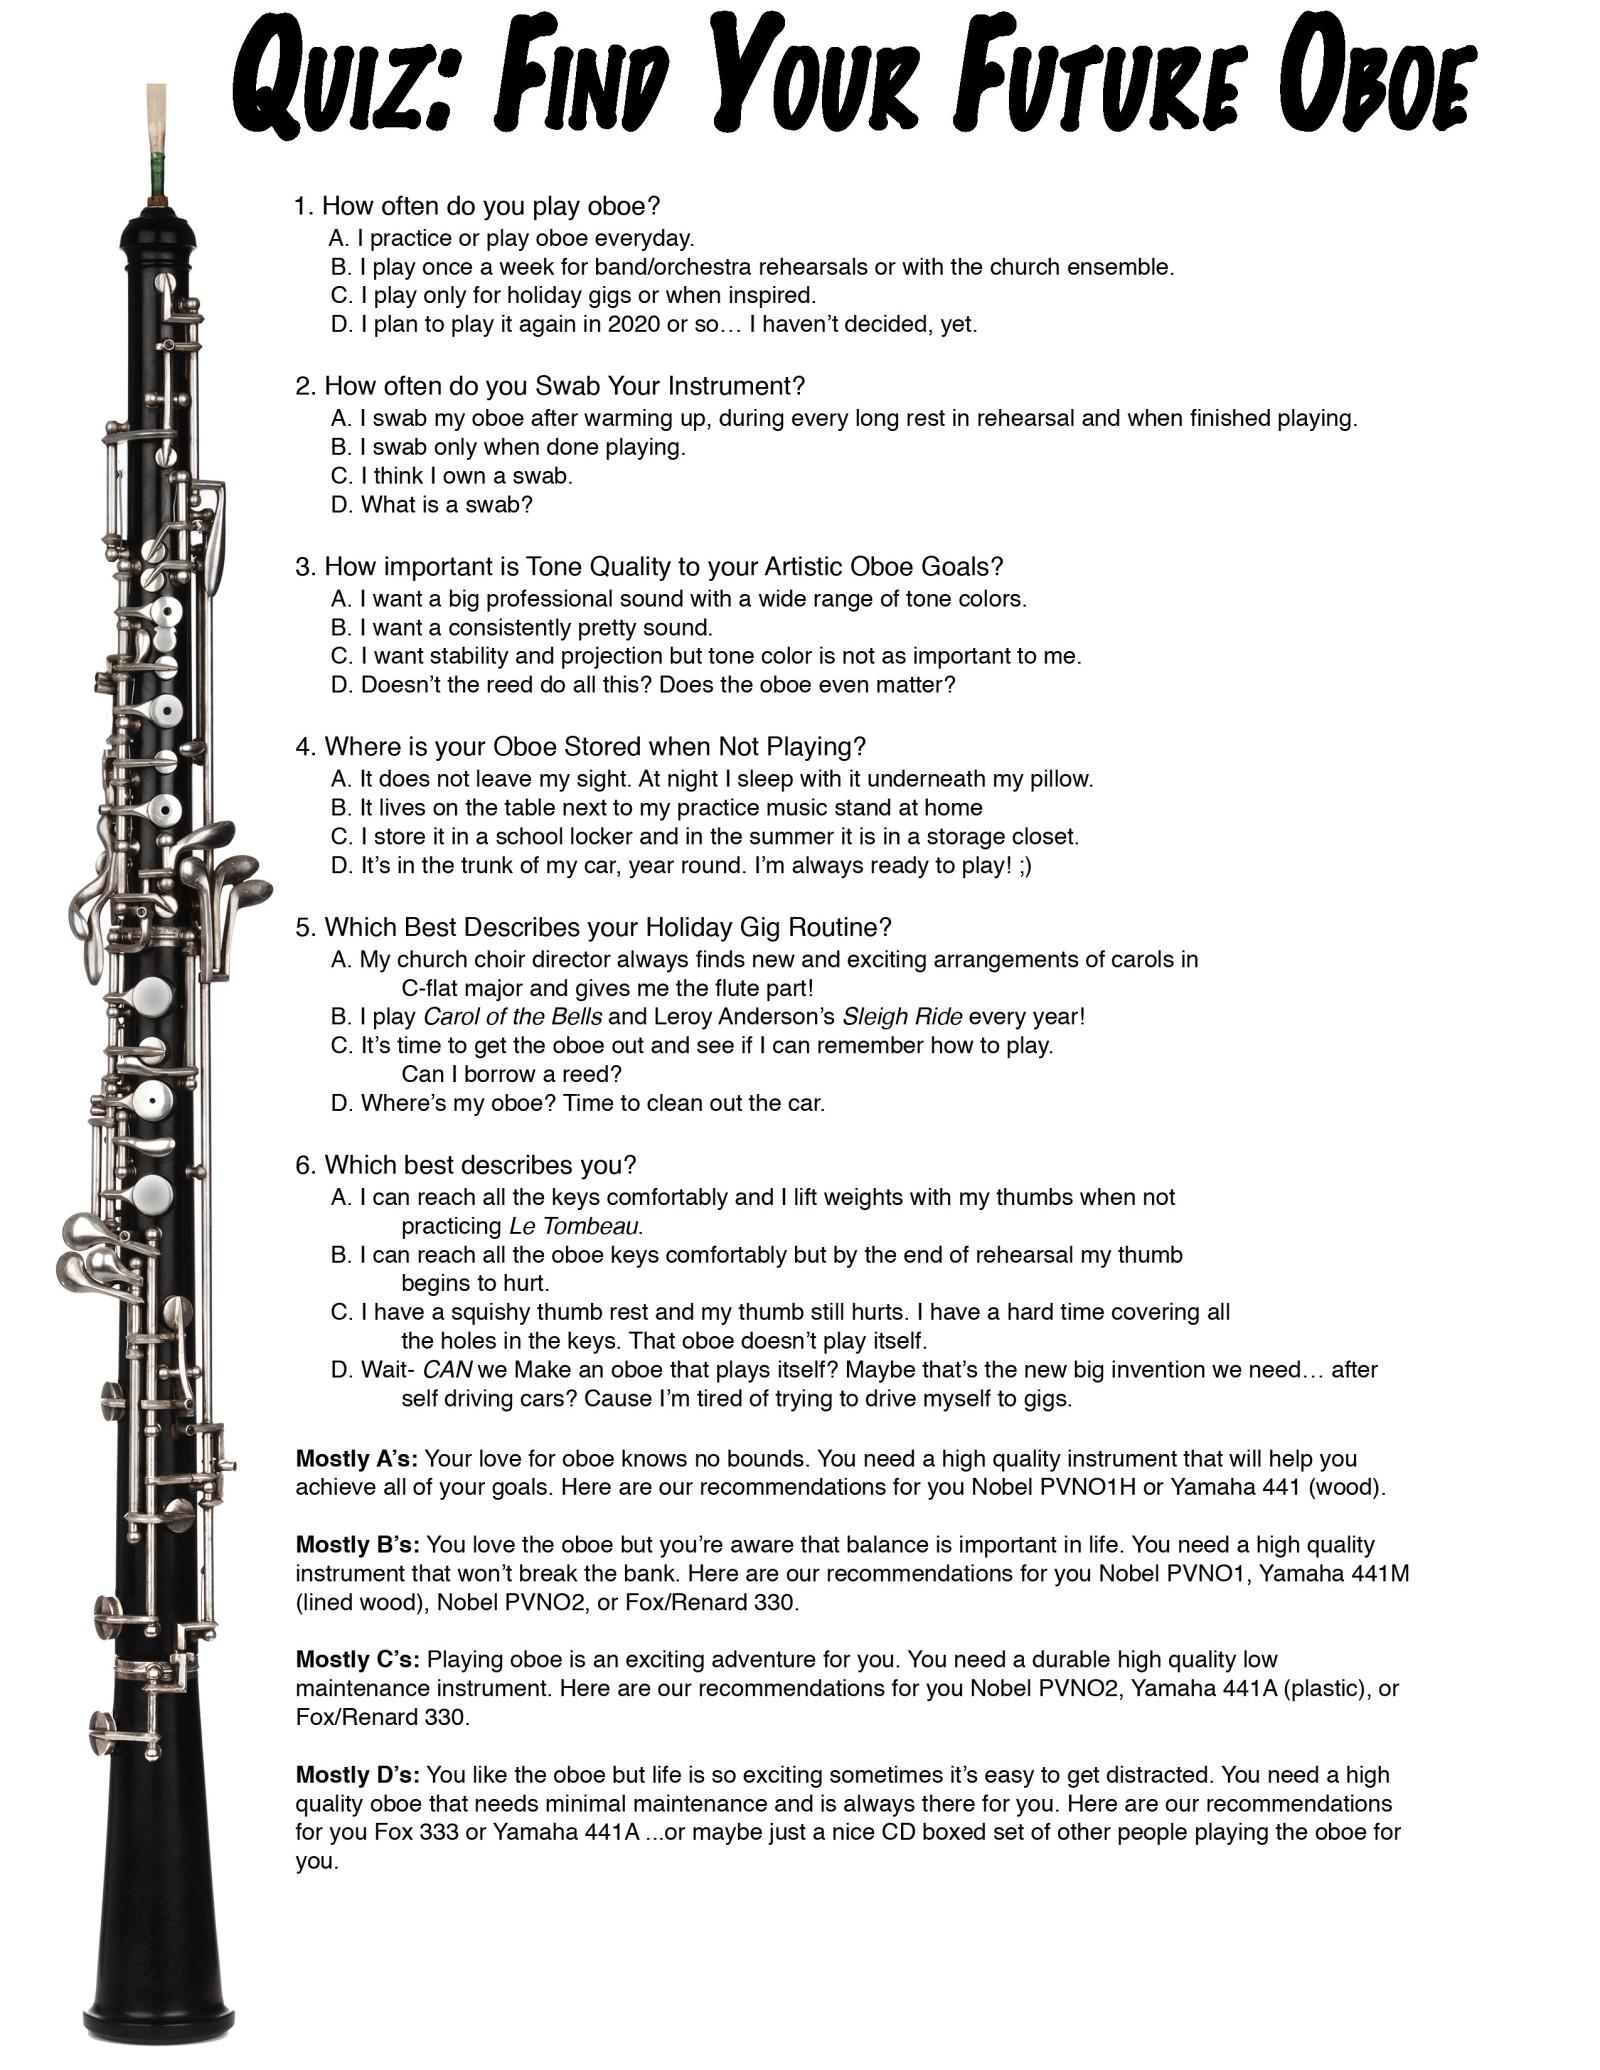 my favorite activity describes practice oboe performance 4